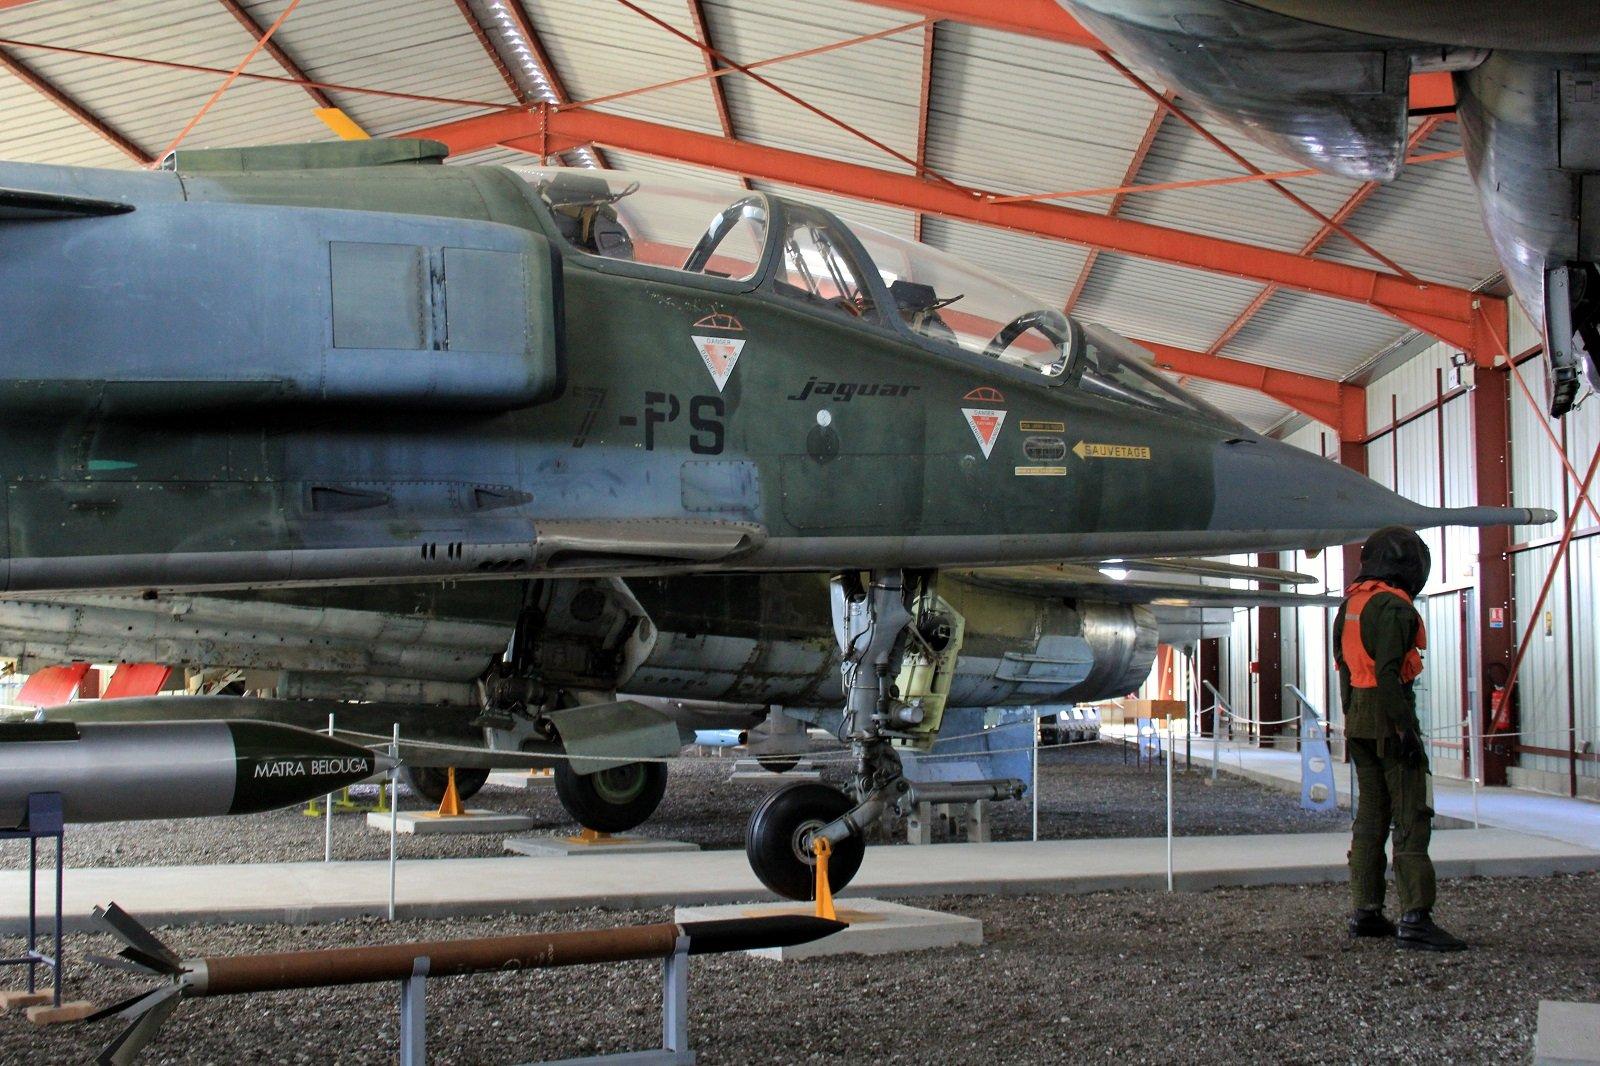 musée de l'aviation de chasse de Montelimar  - Page 2 191030070544826320